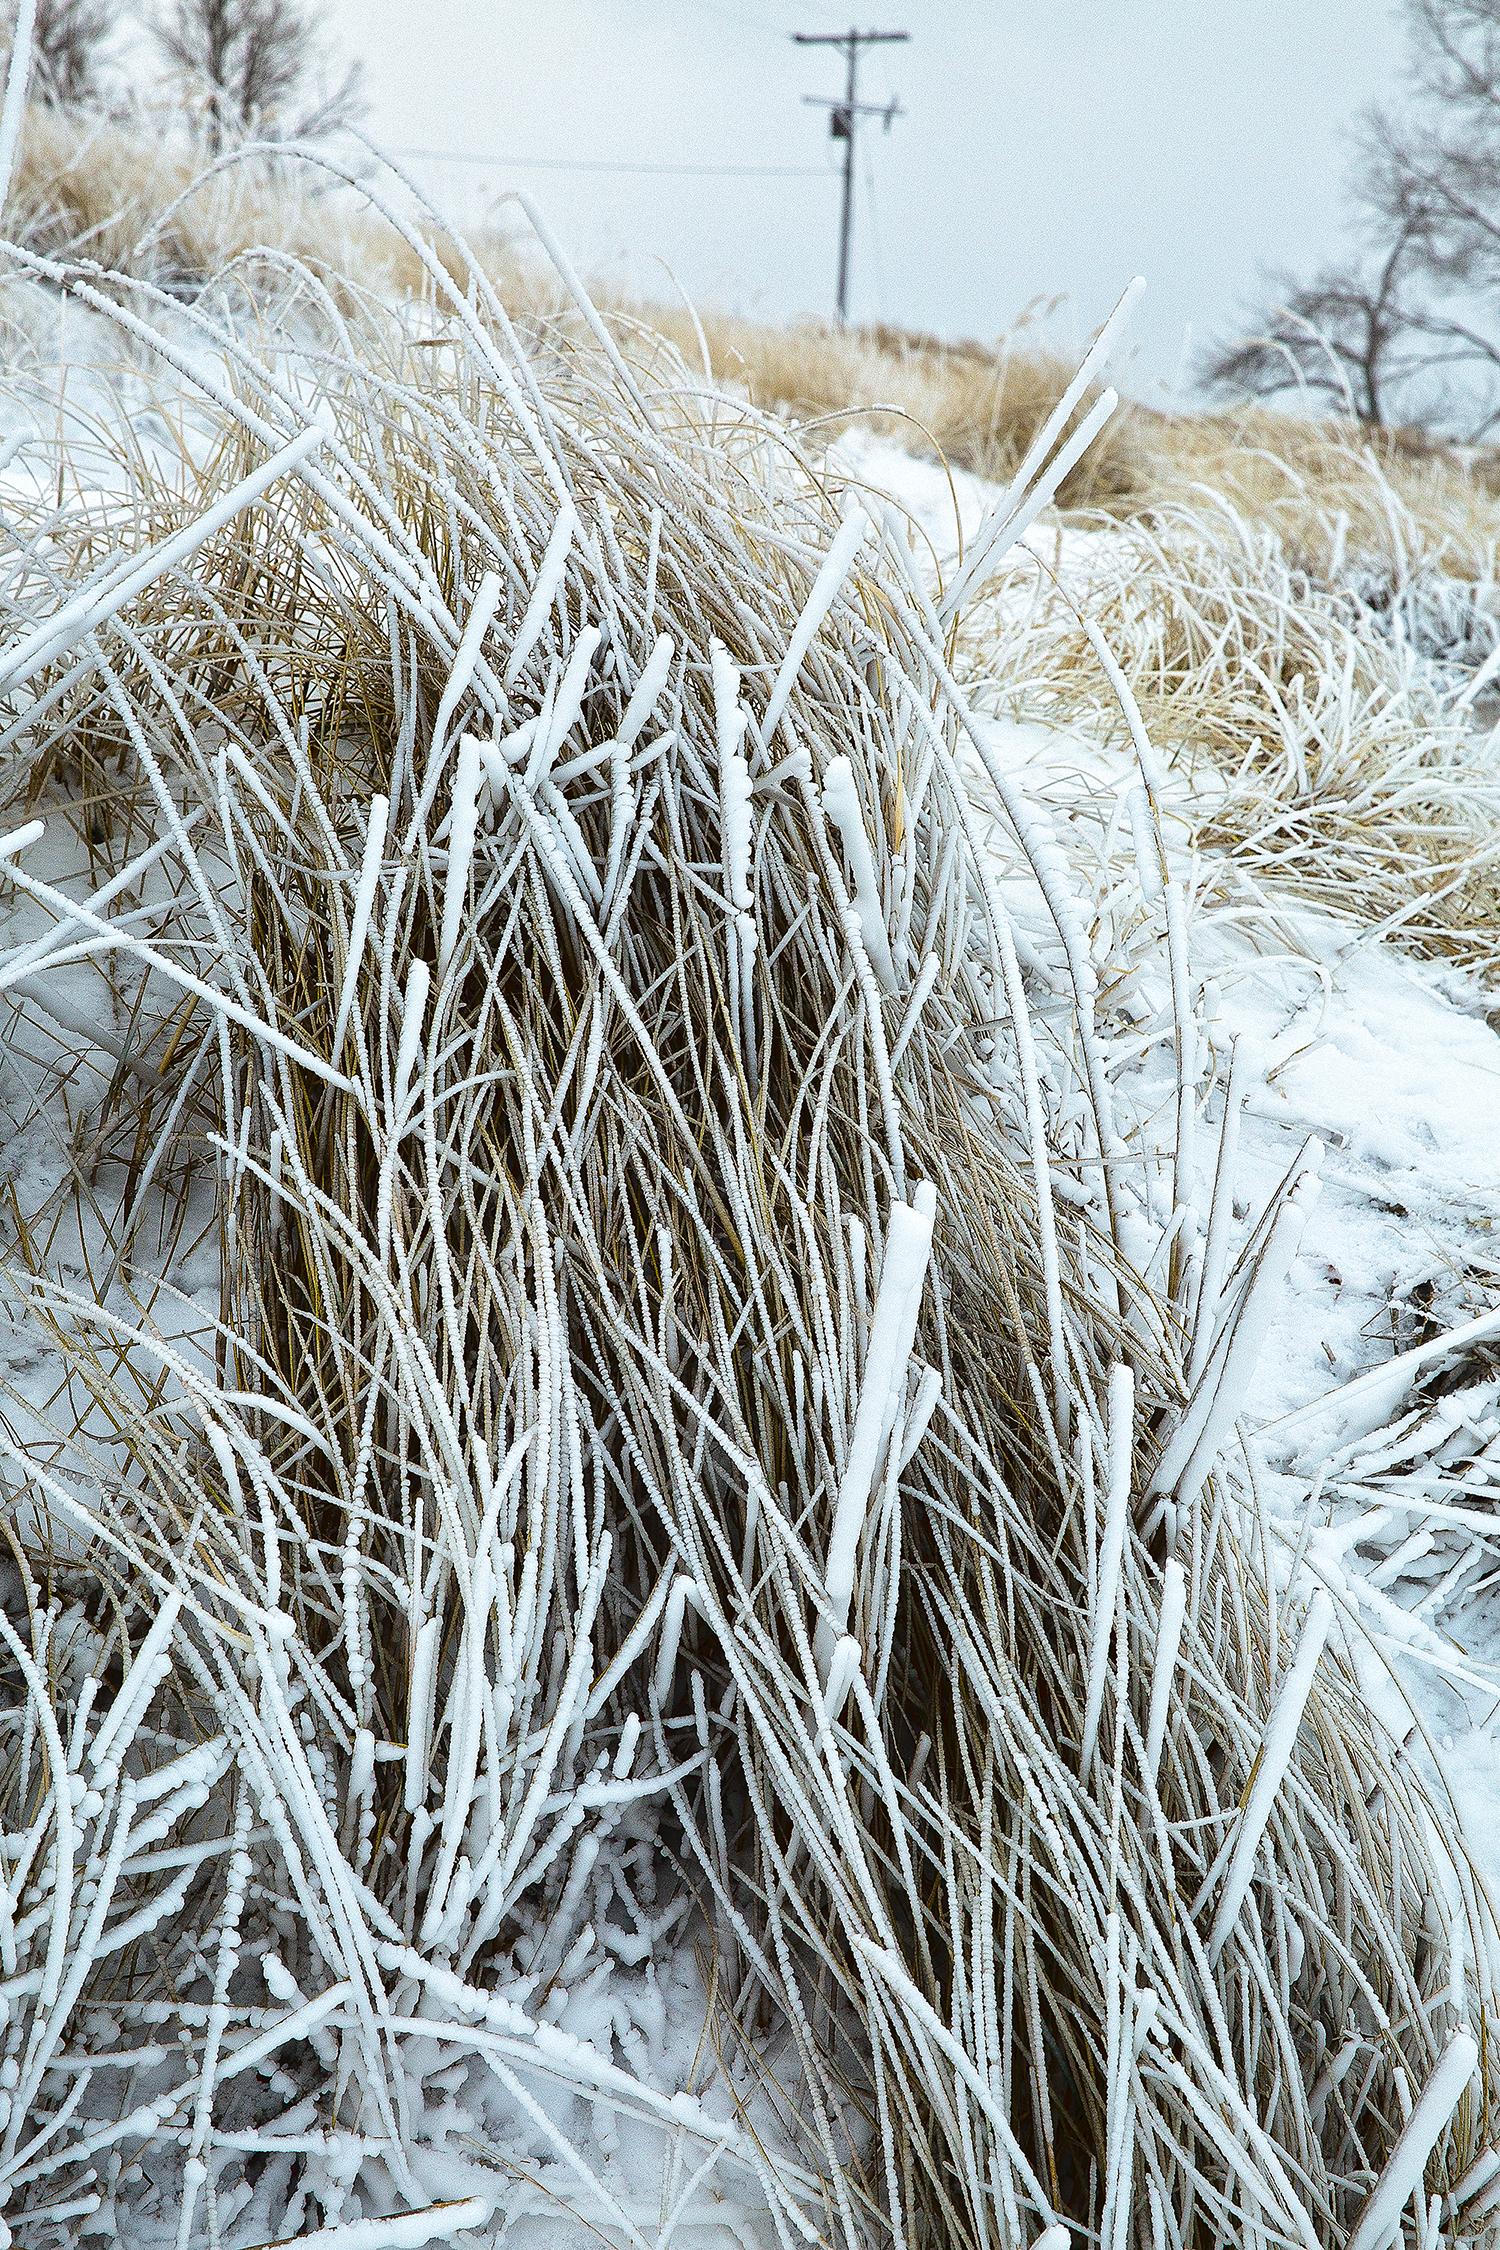 point betsie frozen dunegrass#1.jpg